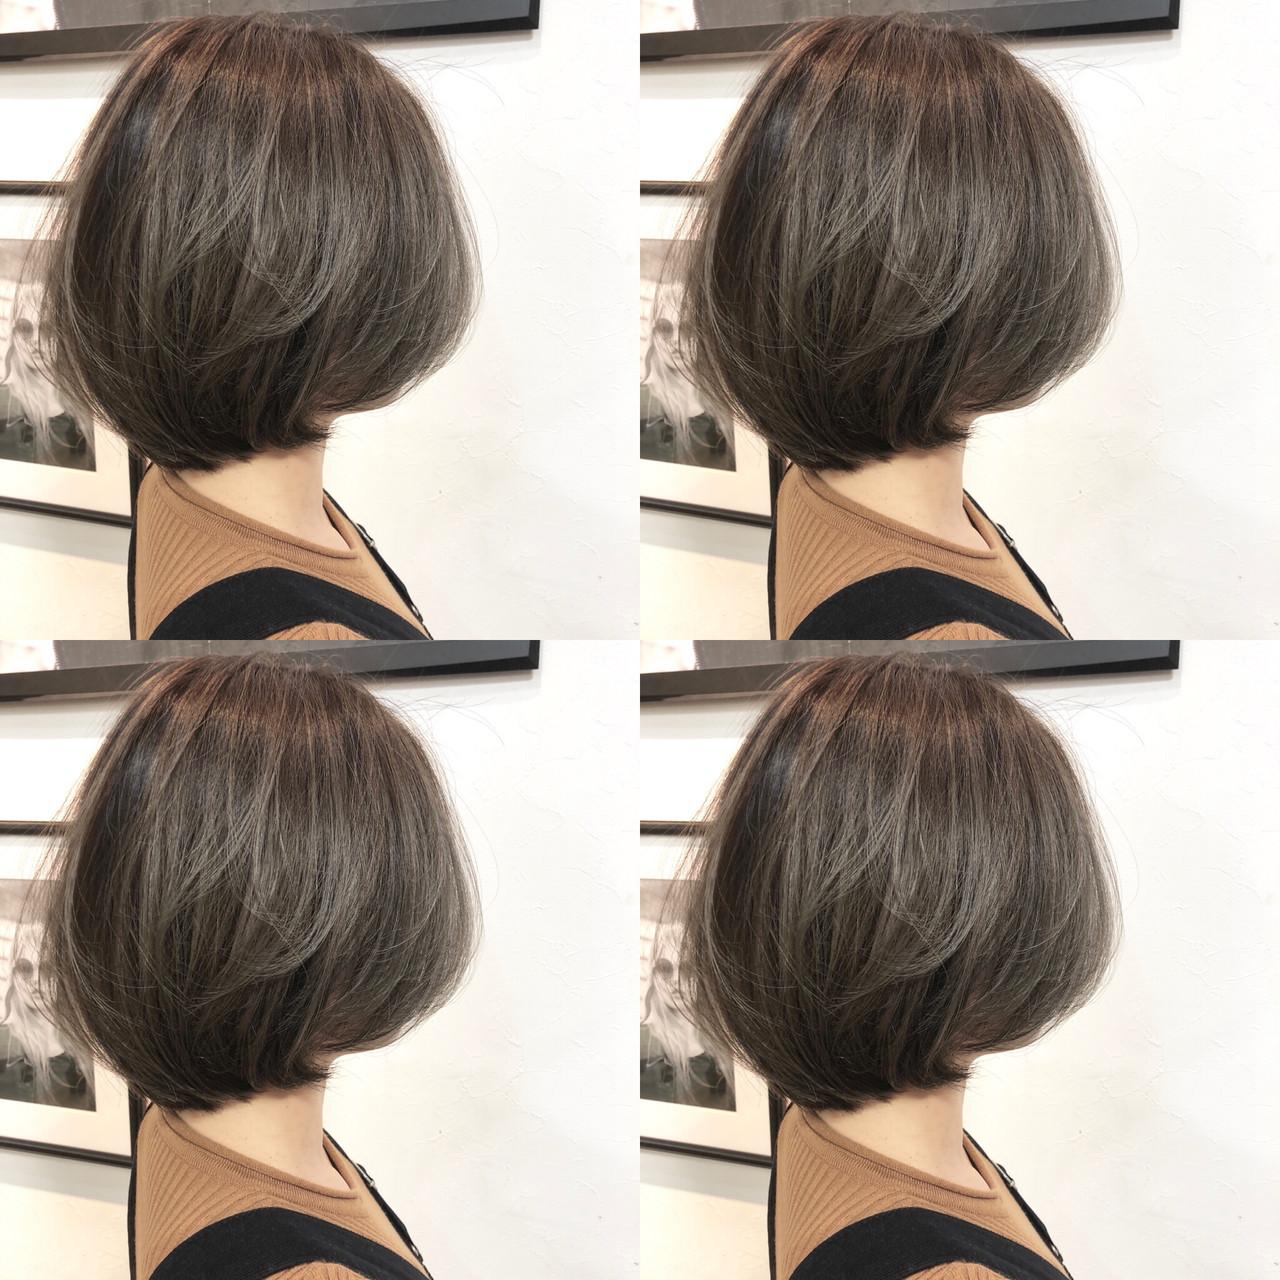 デート フェミニン パーマ ボブ ヘアスタイルや髪型の写真・画像